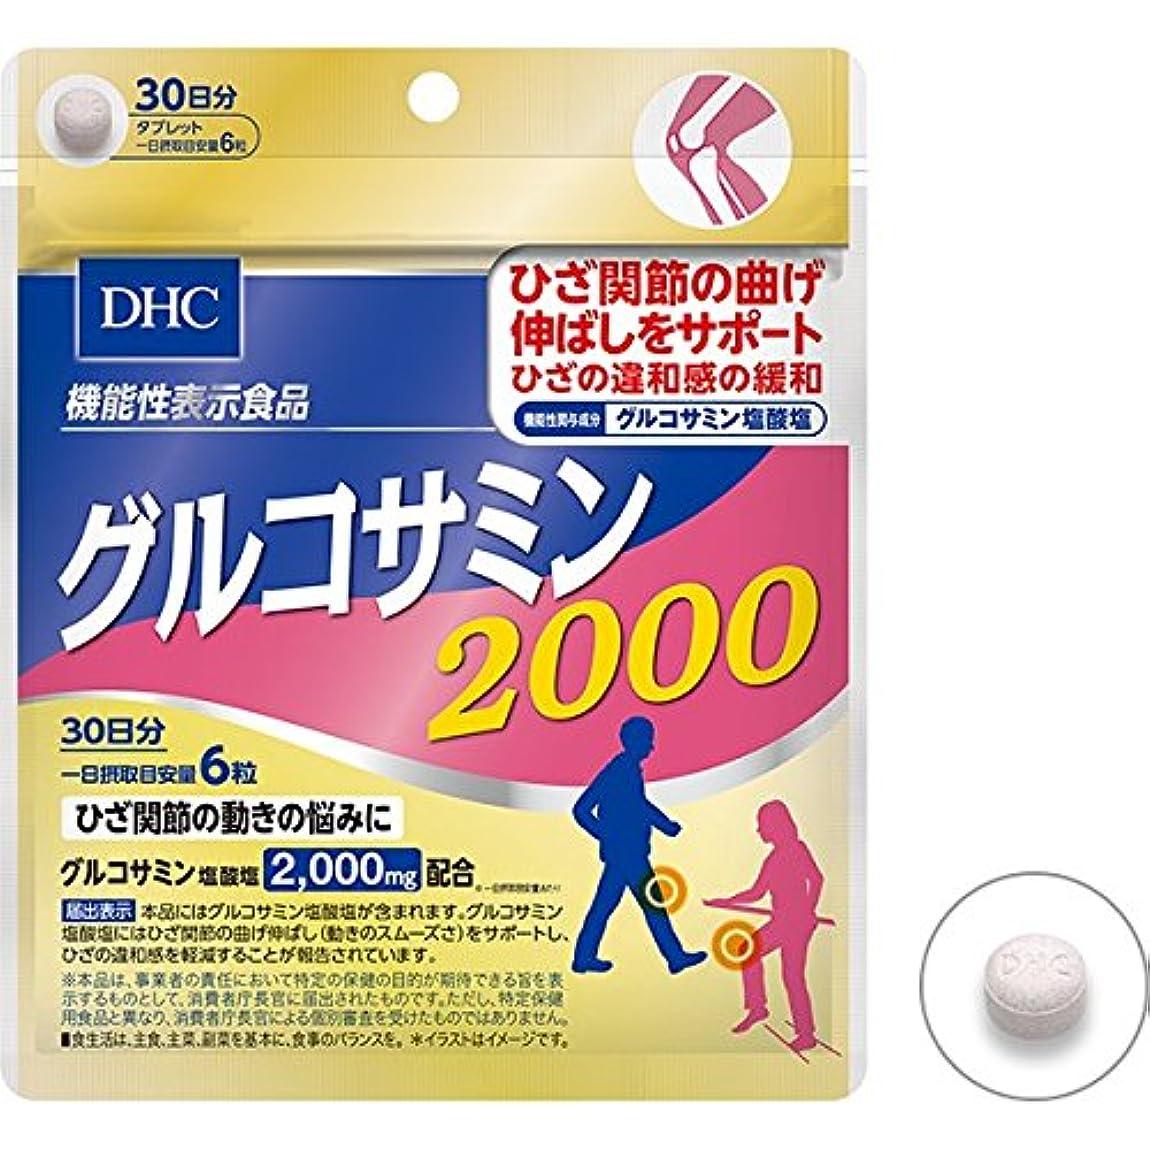 論理ホーン作り上げるDHC グルコサミン 2000 30日分 【機能性表示食品】